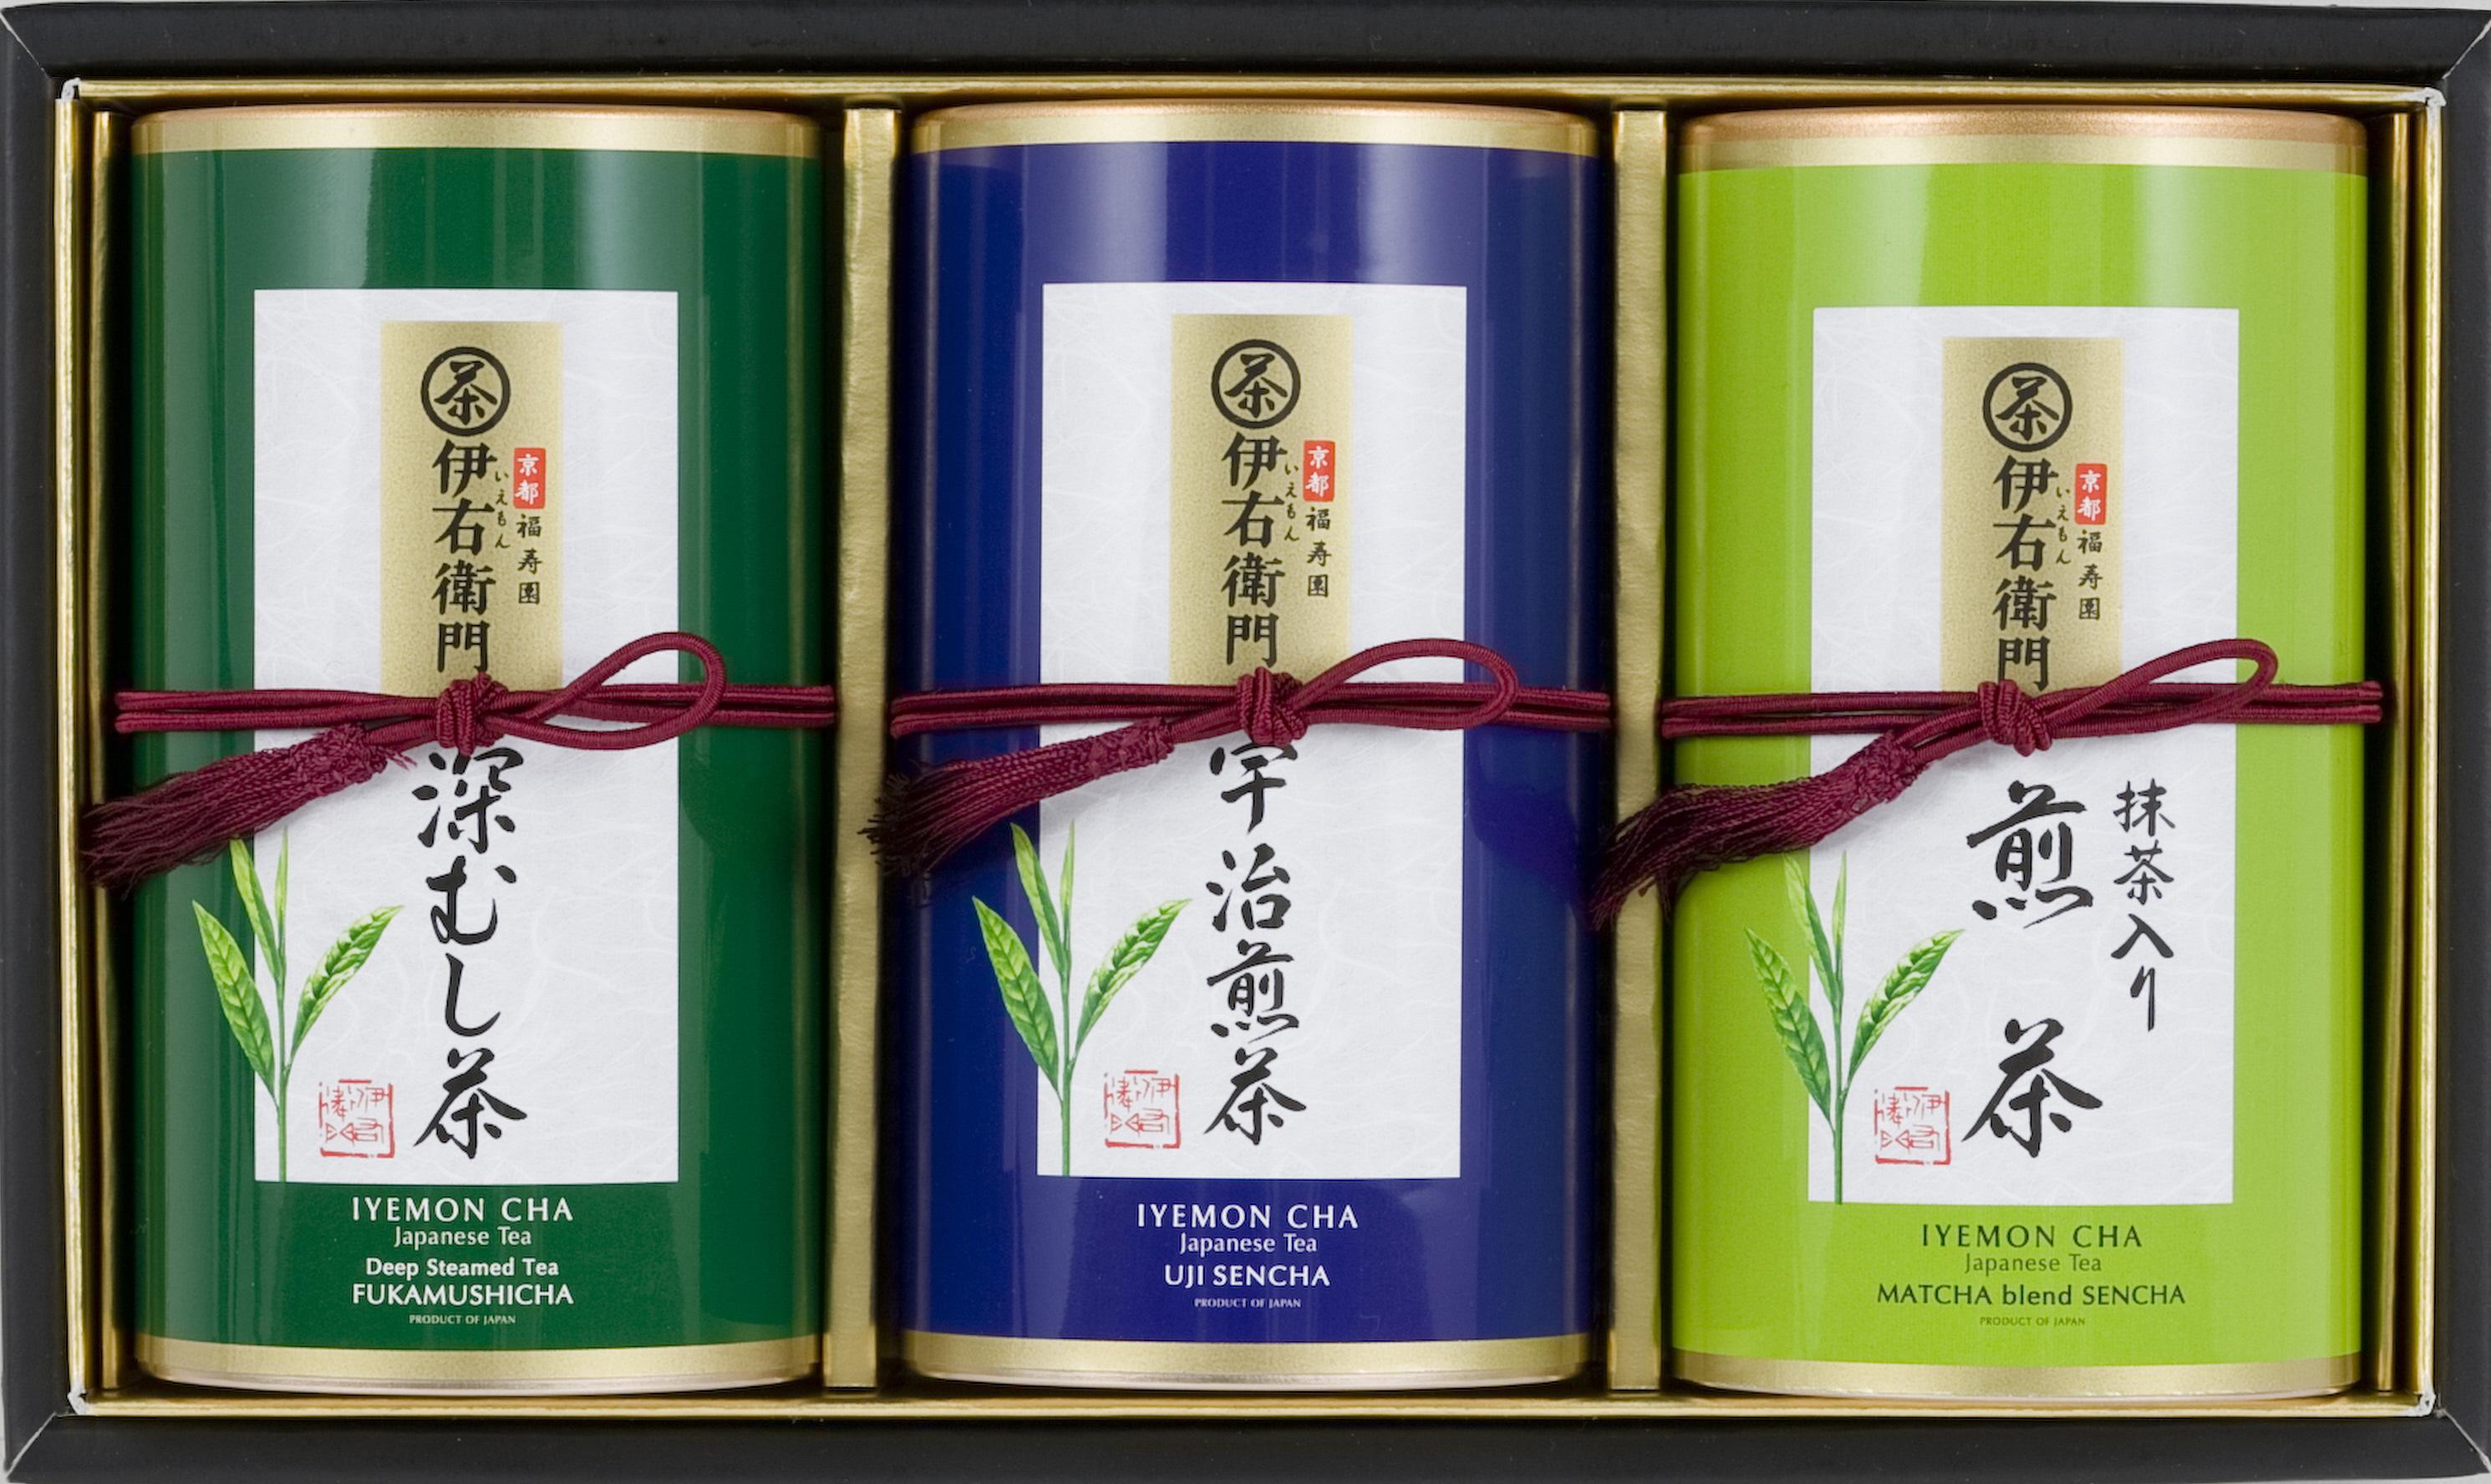 伊右衛門綠茶禮盒 (宇治煎茶 / 抹茶入煎茶 / 深蒸綠茶) (110g x 3件裝) 【26/1 - 8/2登場】 推廣價 $539